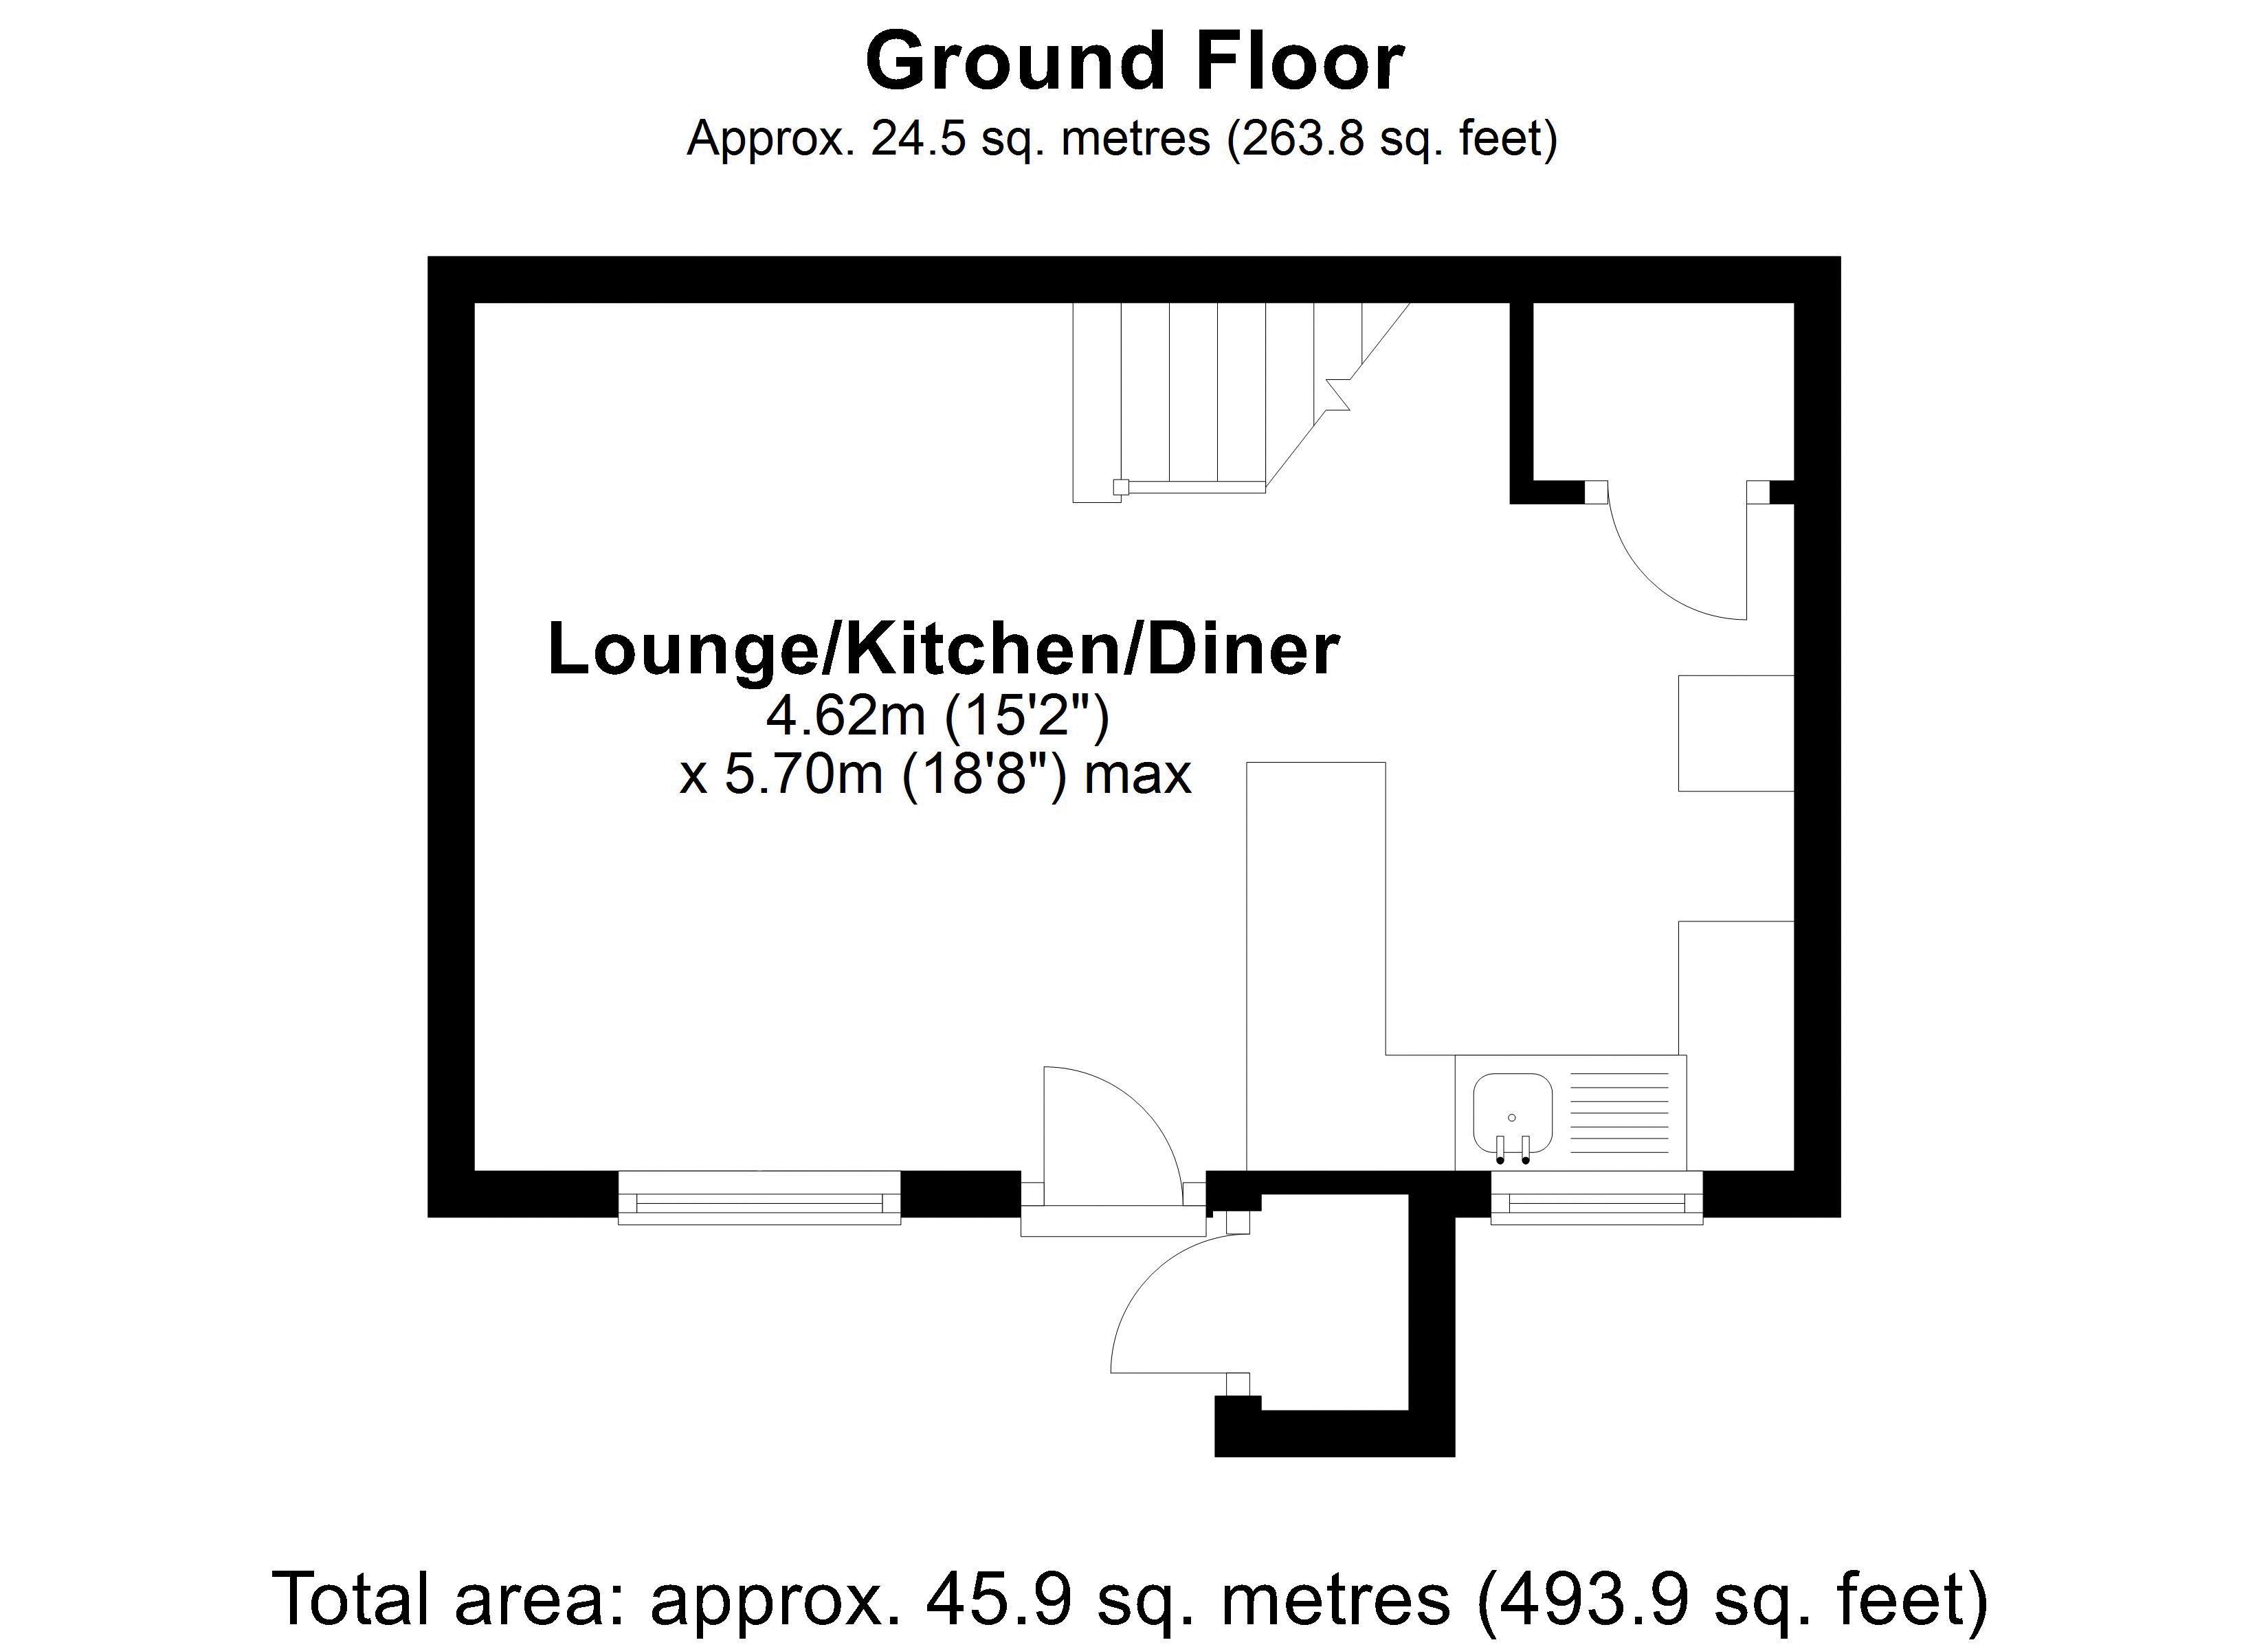 Marlborough Way ground floor